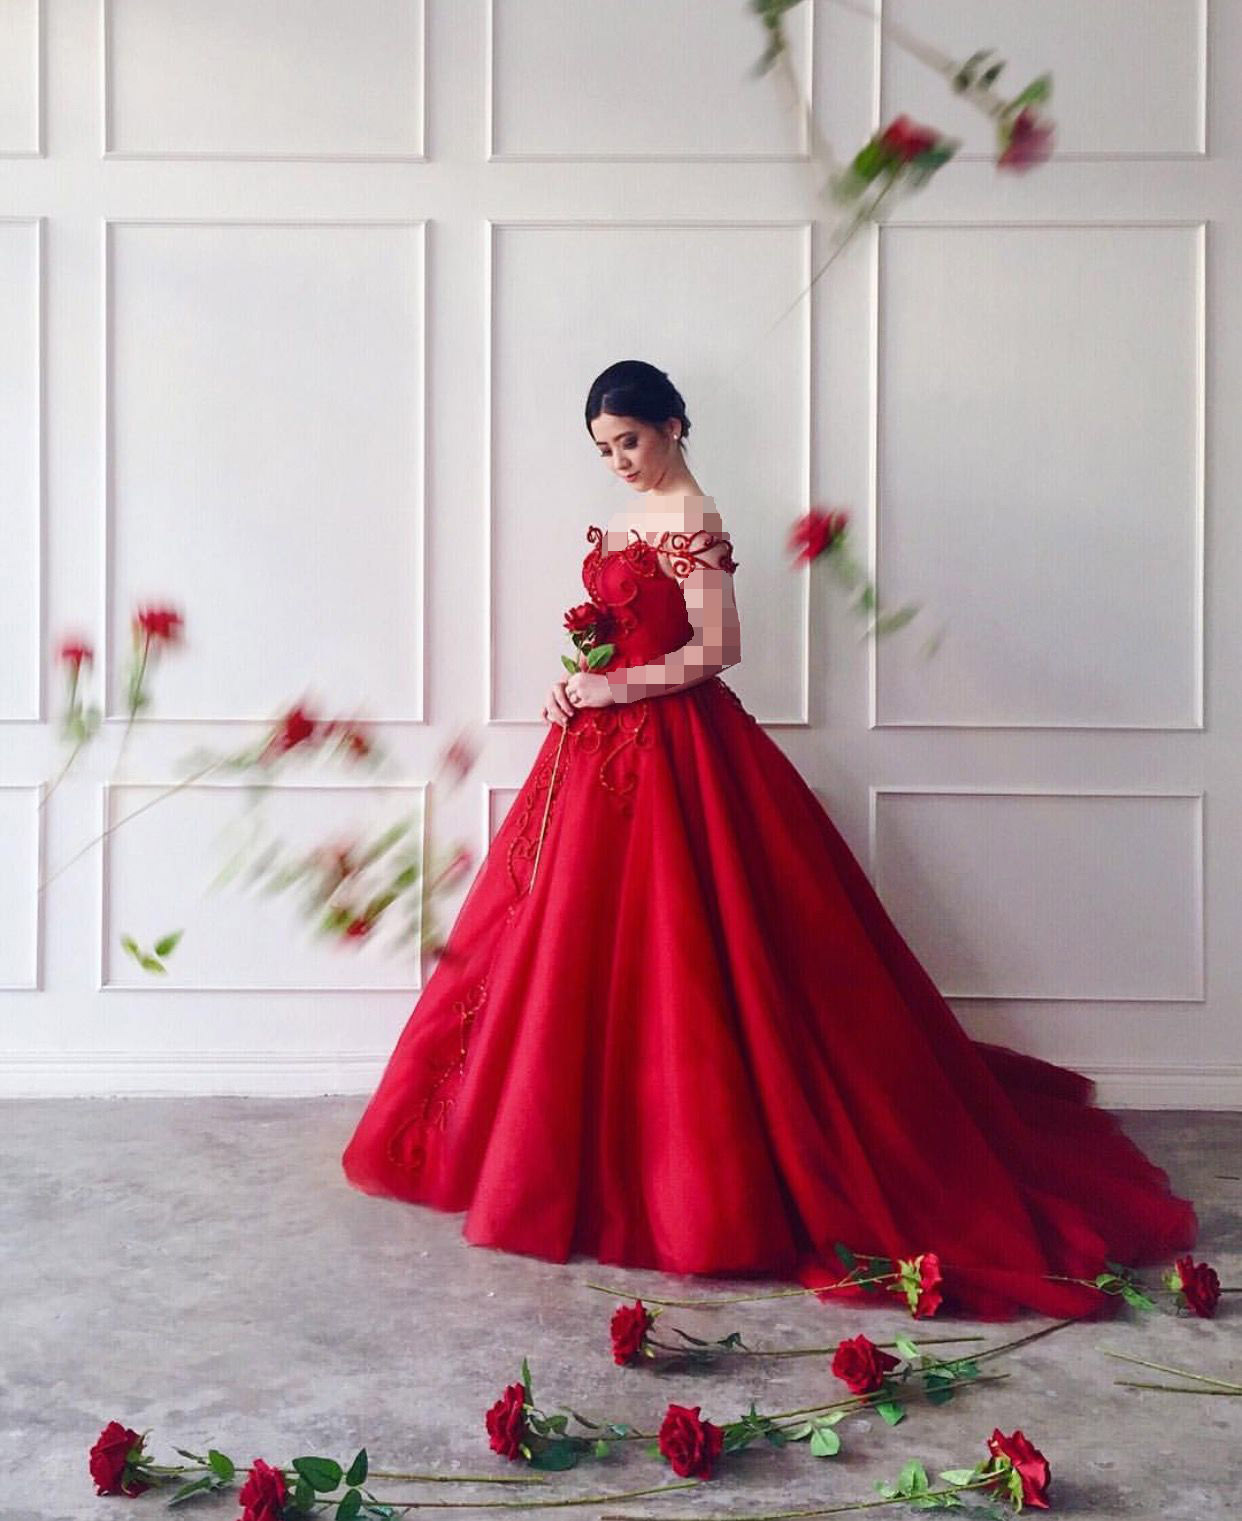 موی مشکی و لباس مجلسی قرمز اناری